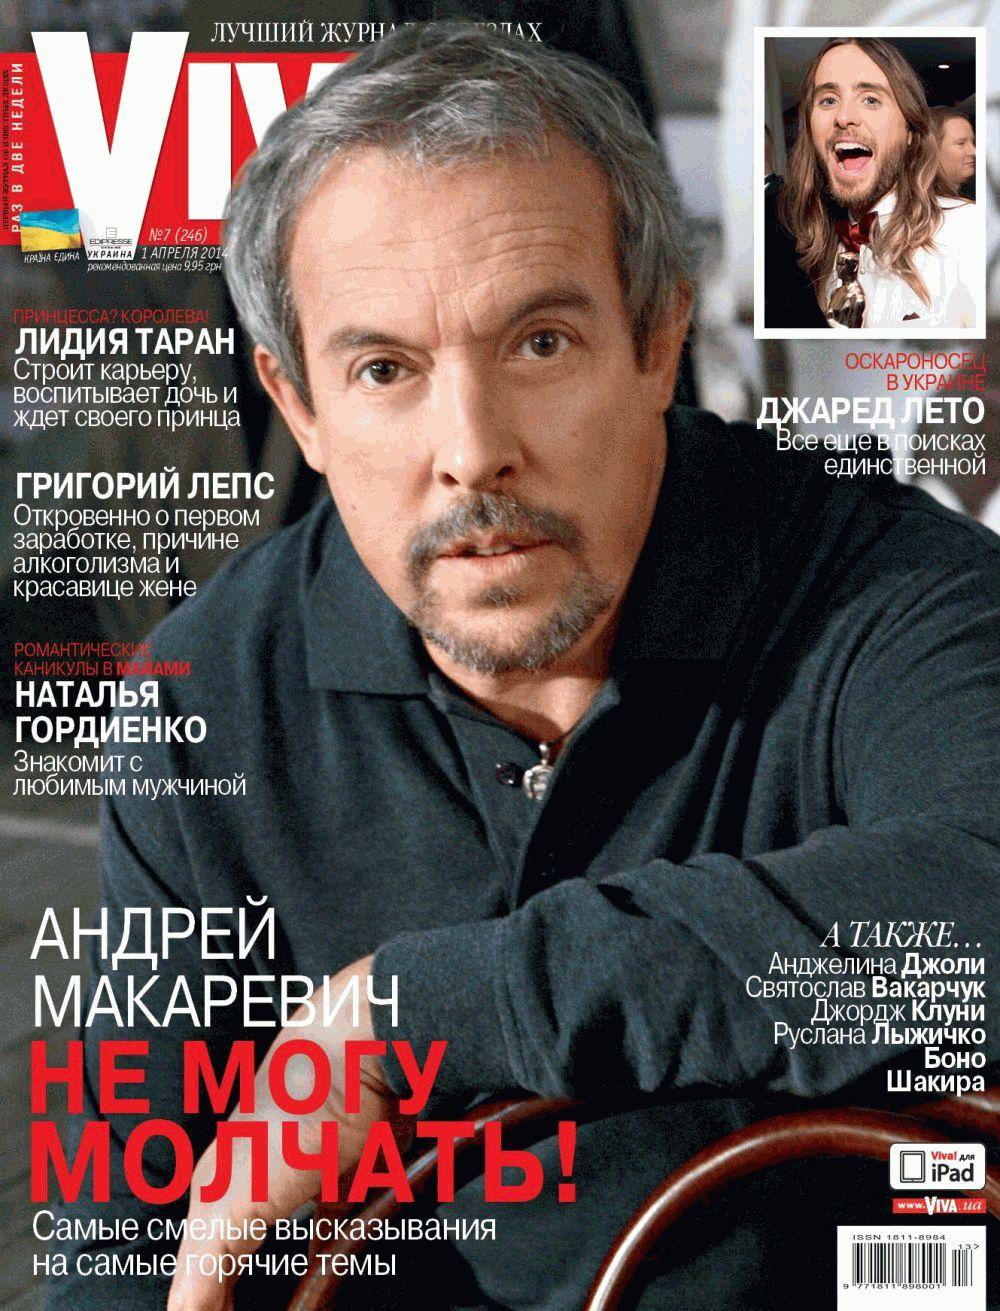 Андрей Макаревич обложка